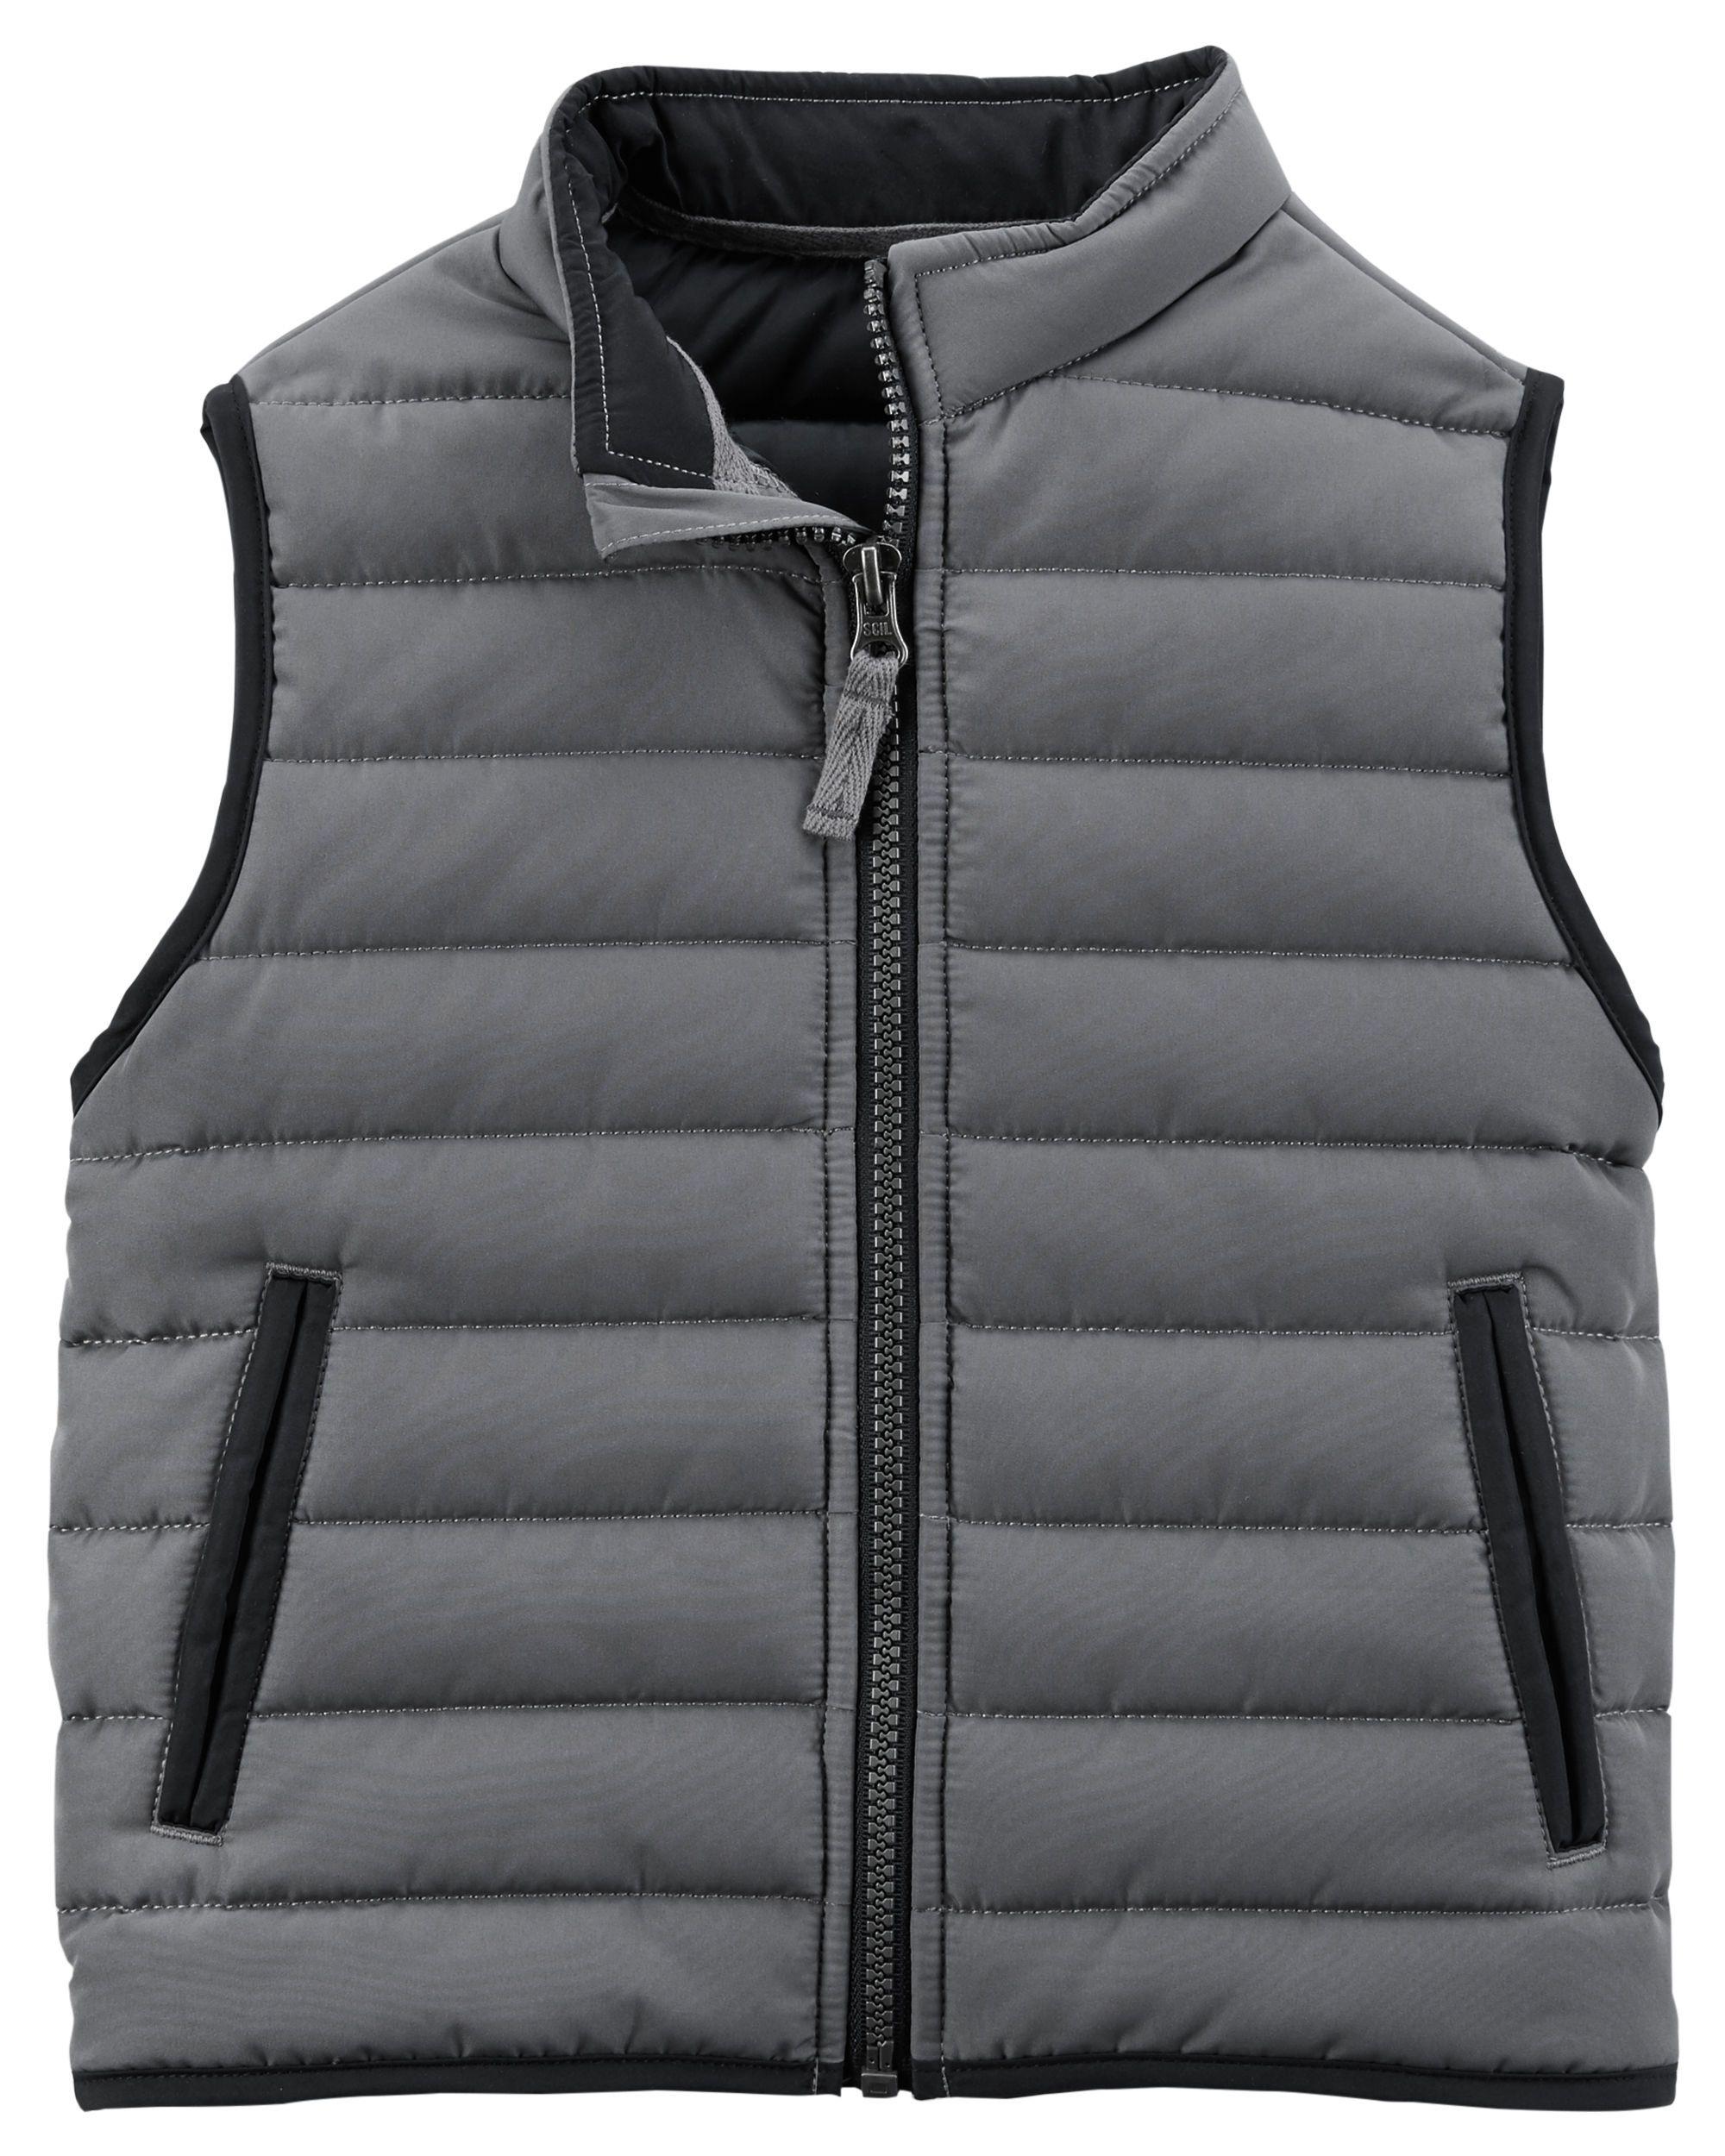 99eccee74 Zip-Up Puffer Vest